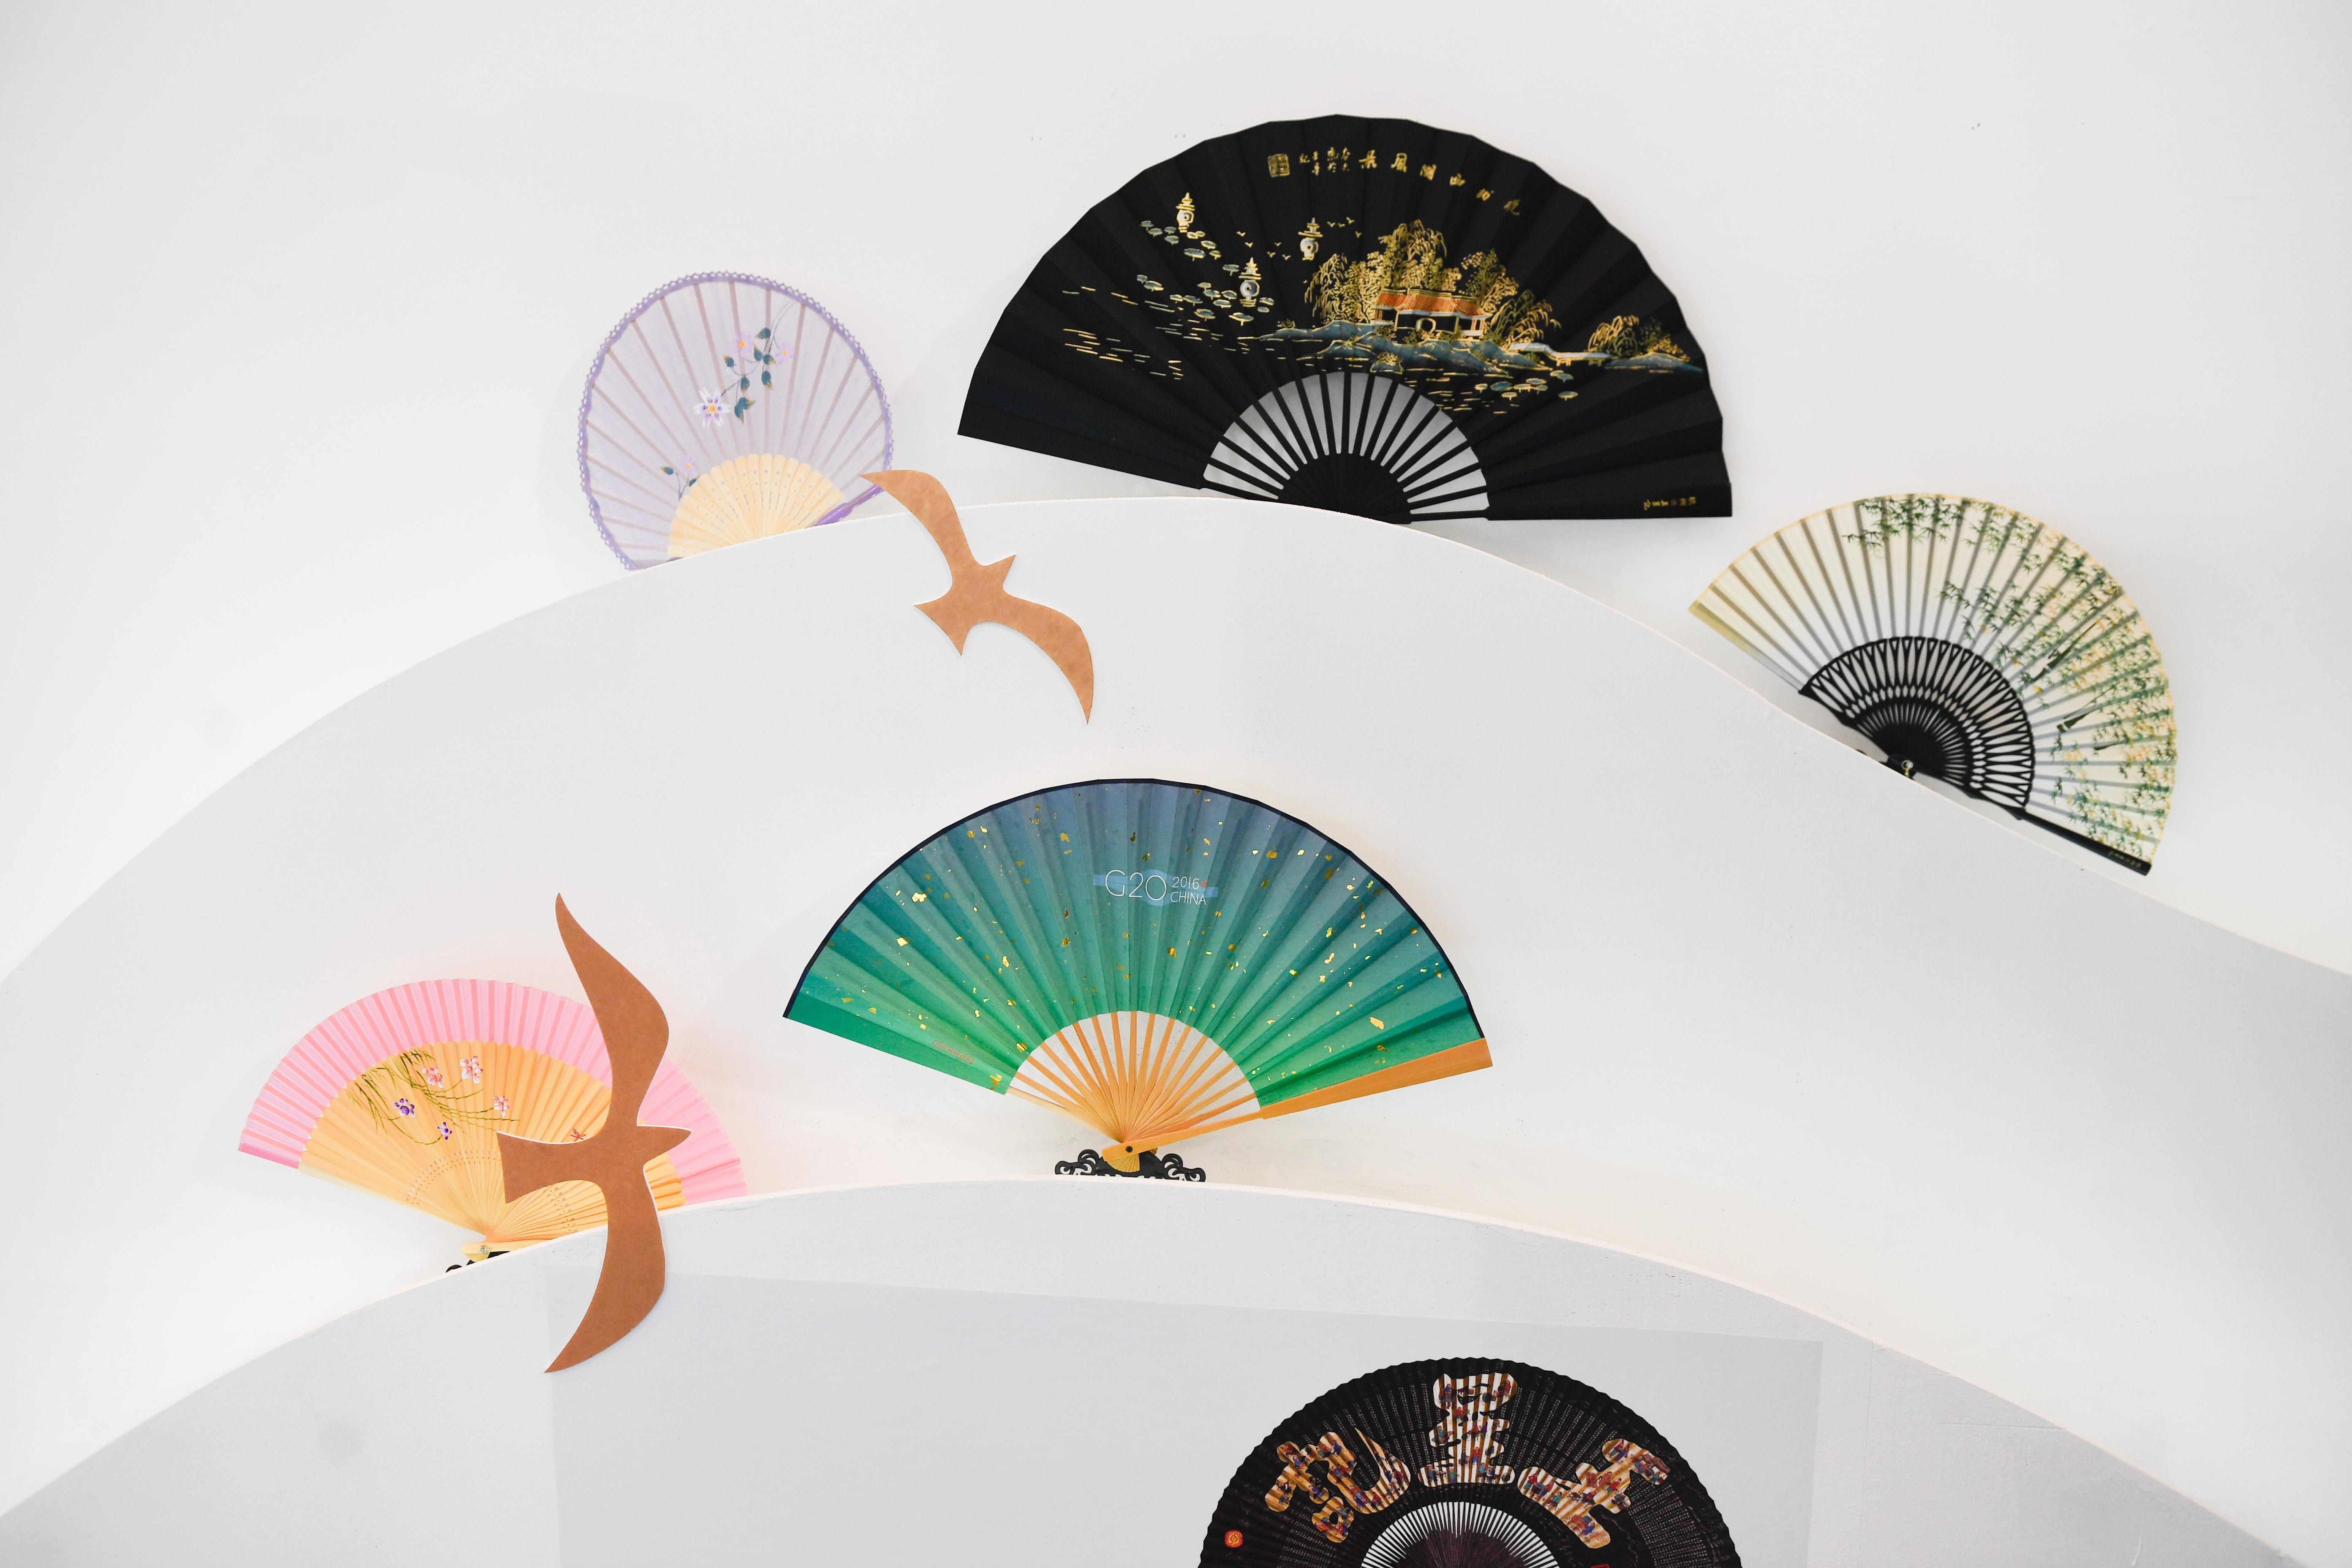 亚运杭州主题展亮相雅加达 展示杭州独特韵味